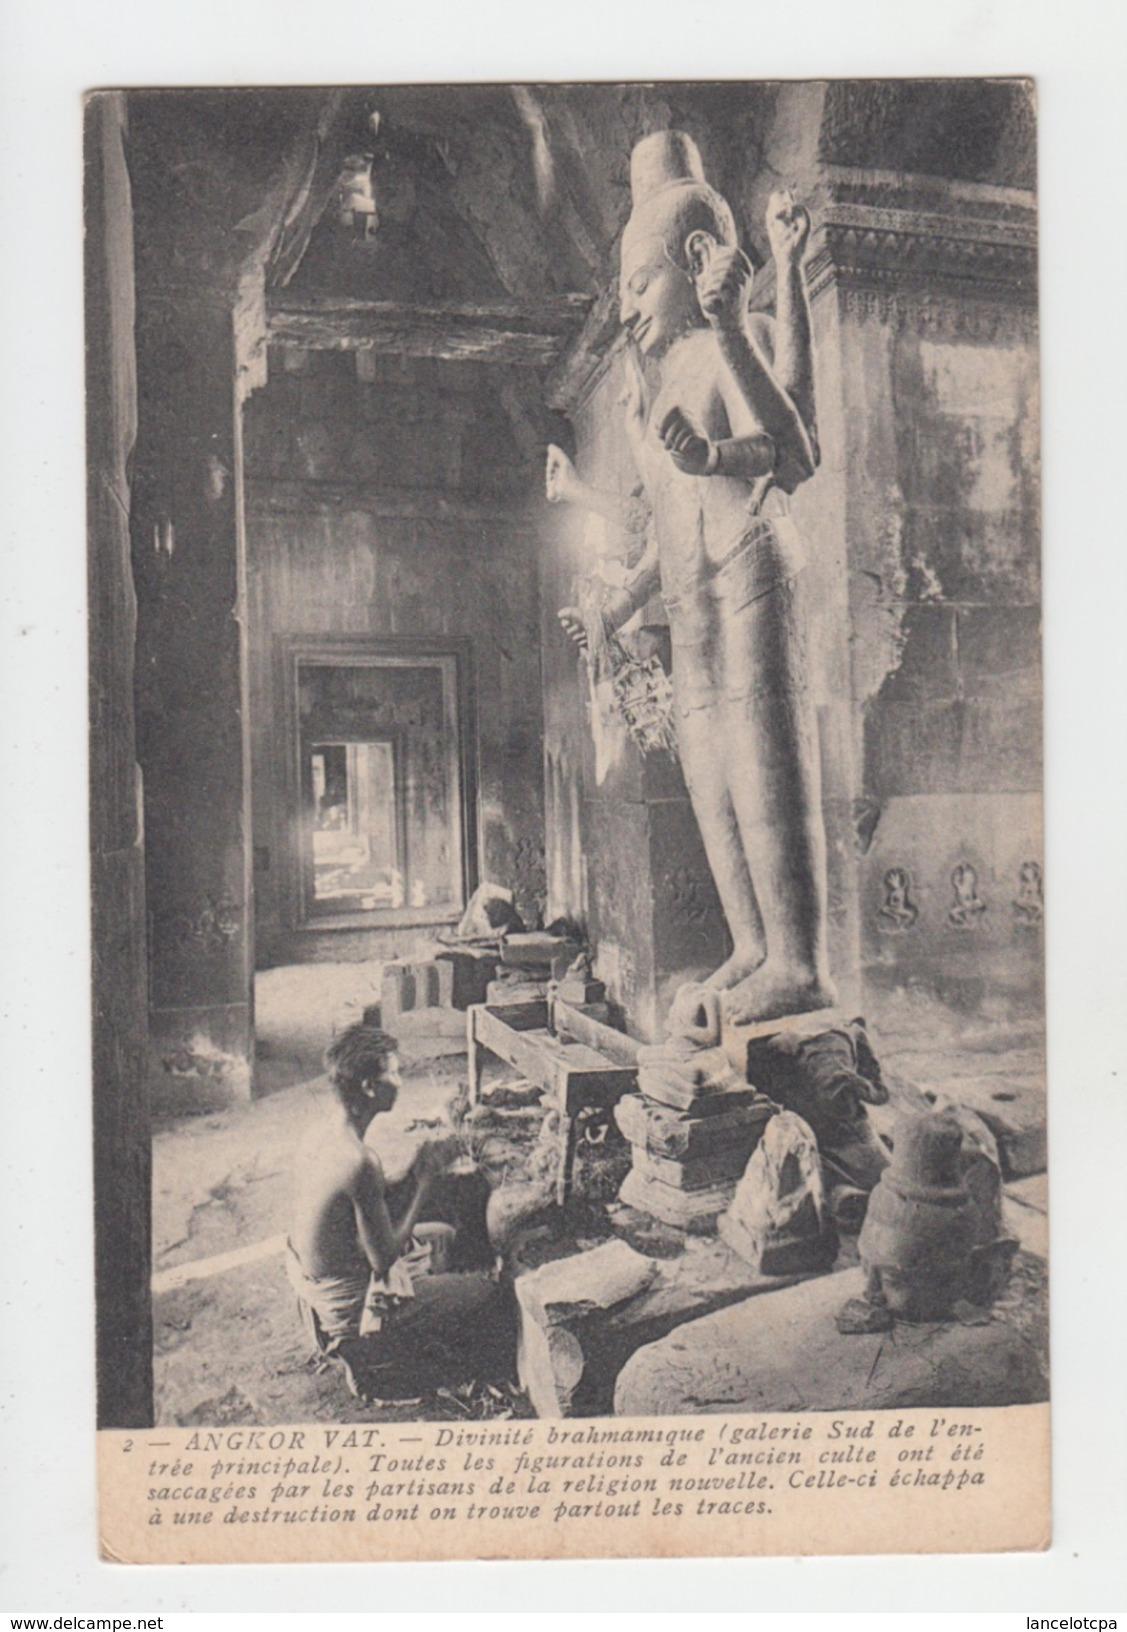 ANGKOR VAT / DIVINITE BRAHMAMIQUE (PHILATELIE) - Cambodia